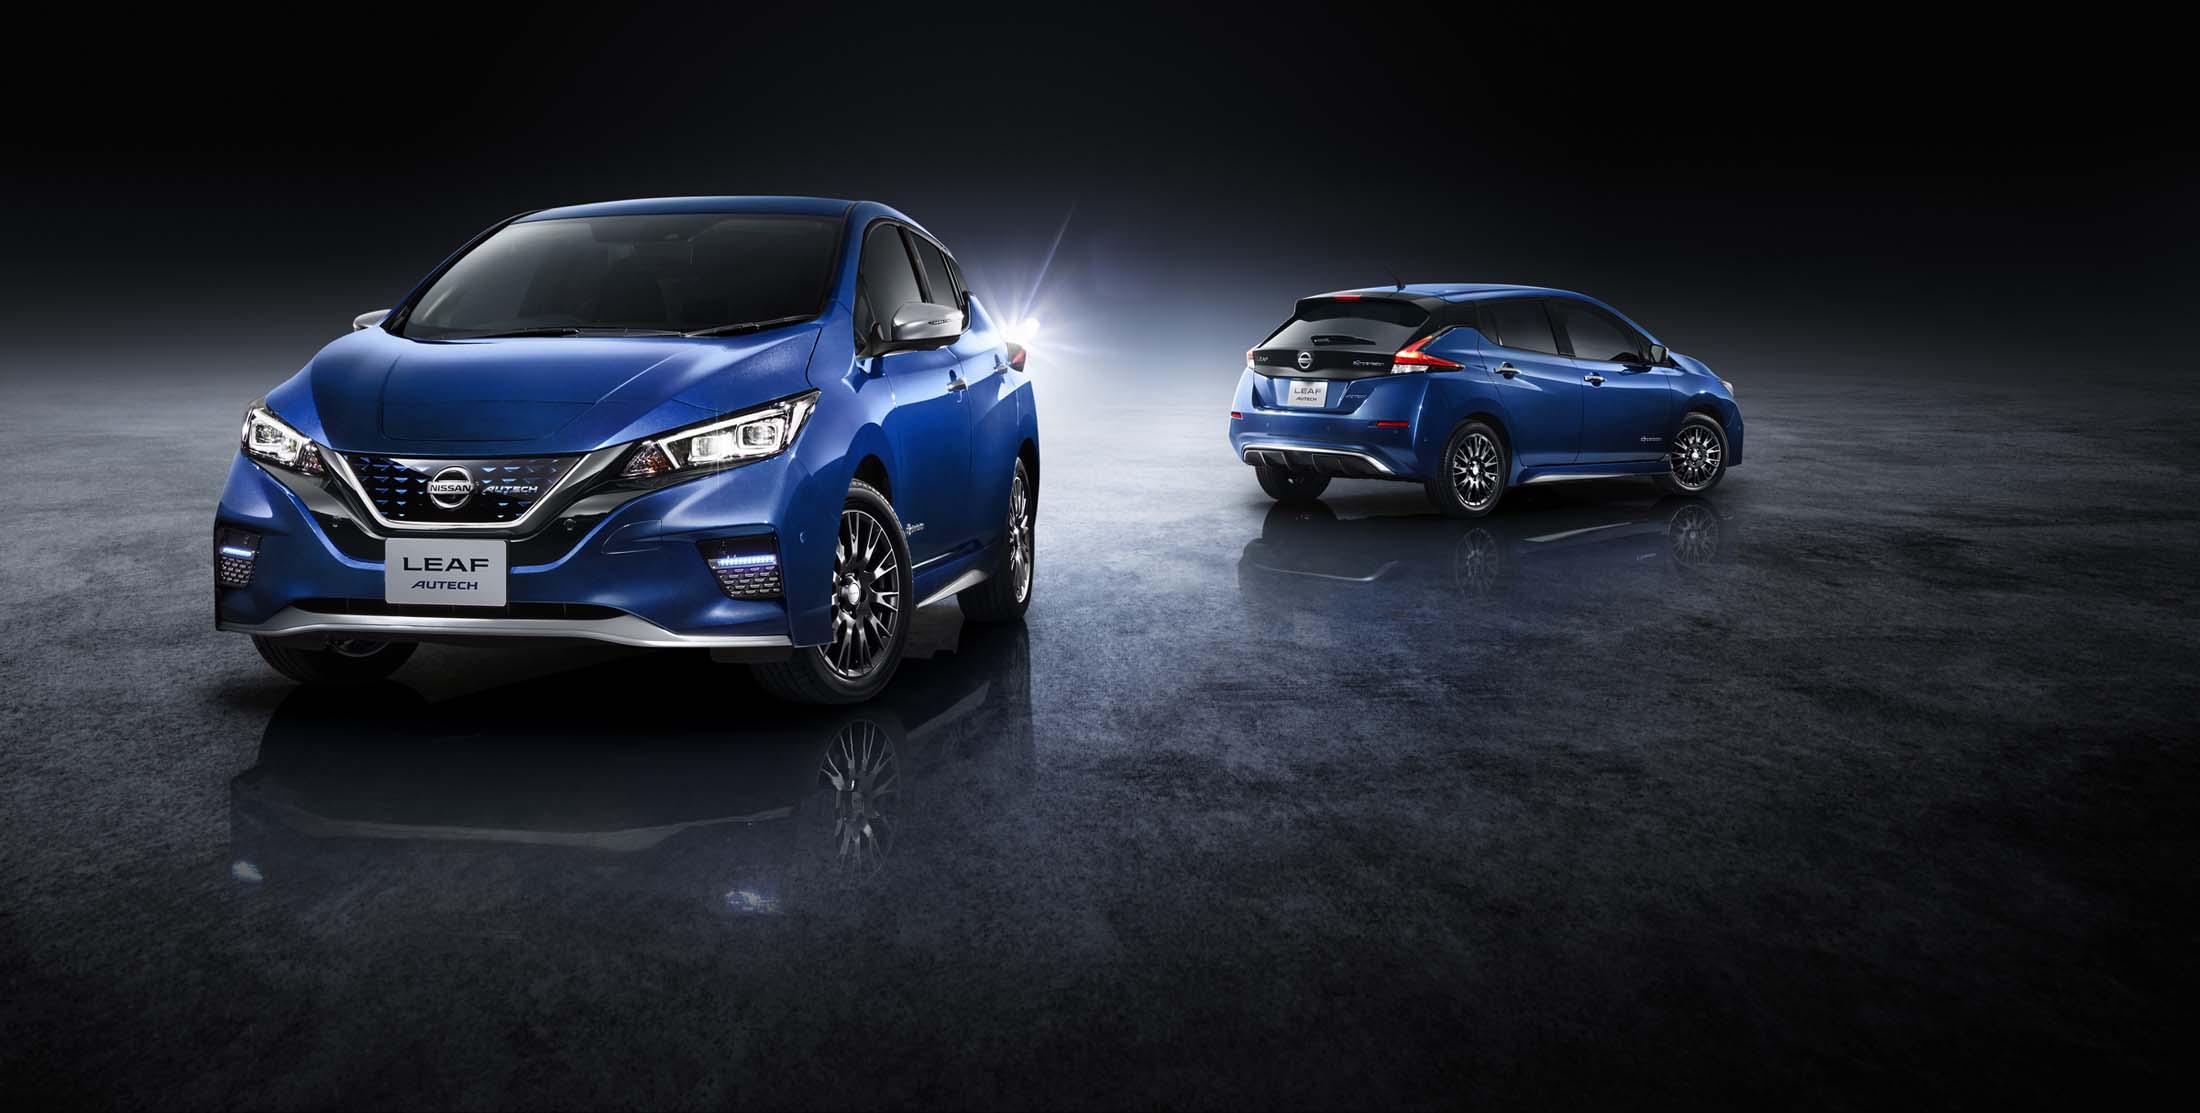 Nissan-Leaf-Autech-2